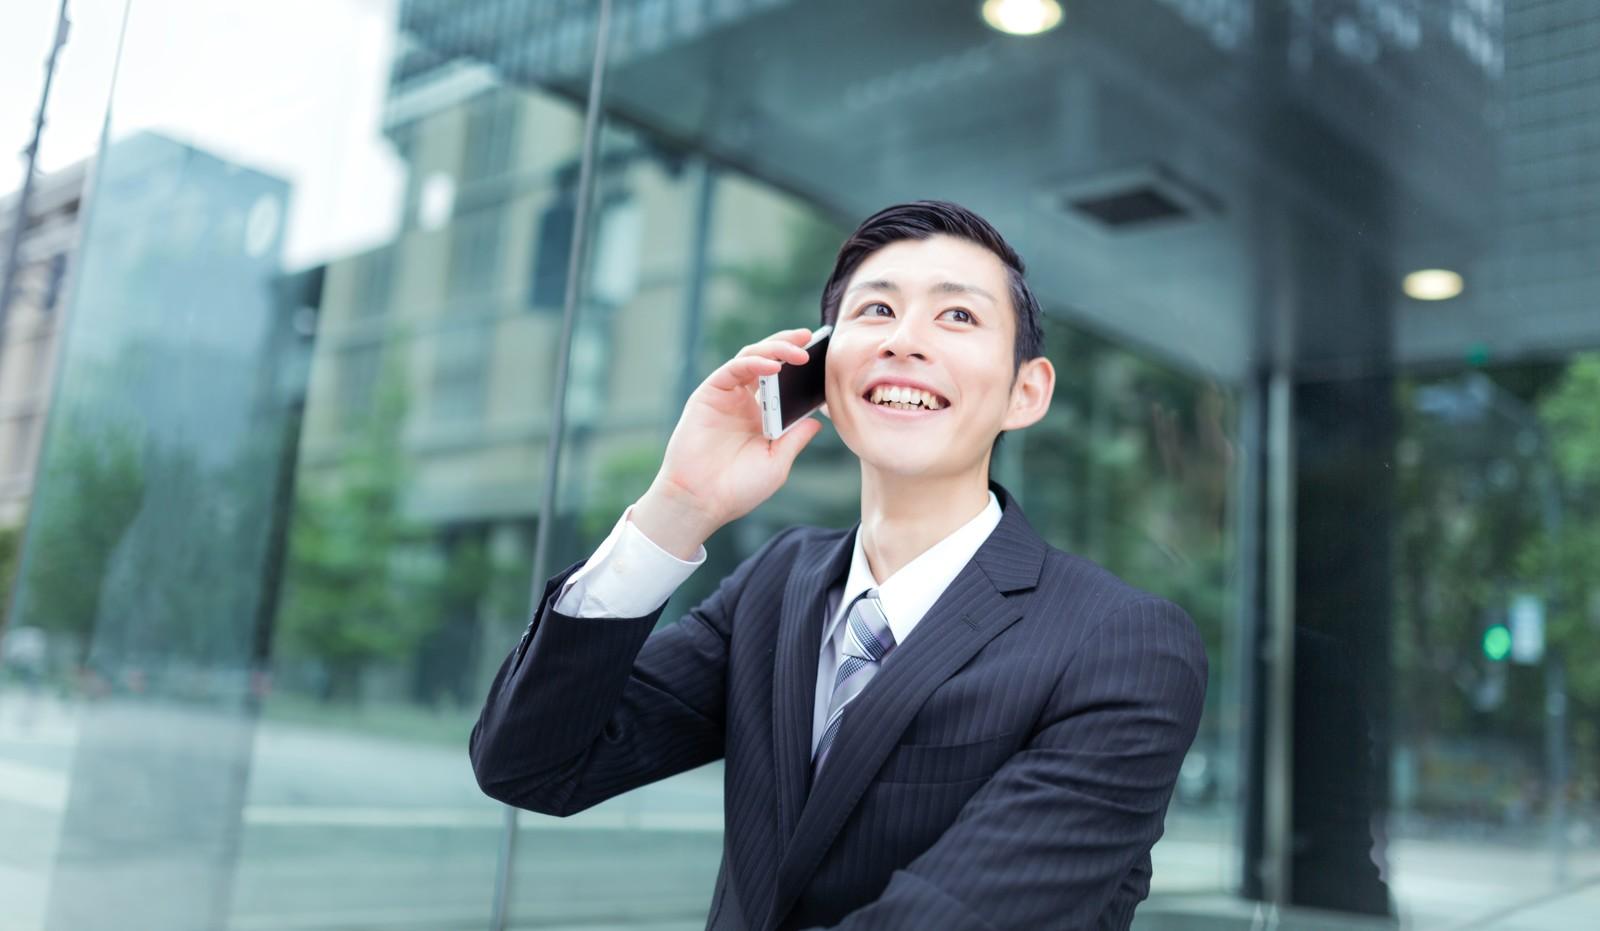 【すぐにバンコクへ!】最も勢いのある日本の人材会社の1つが高水準の待遇で「営業職」を急募しています!